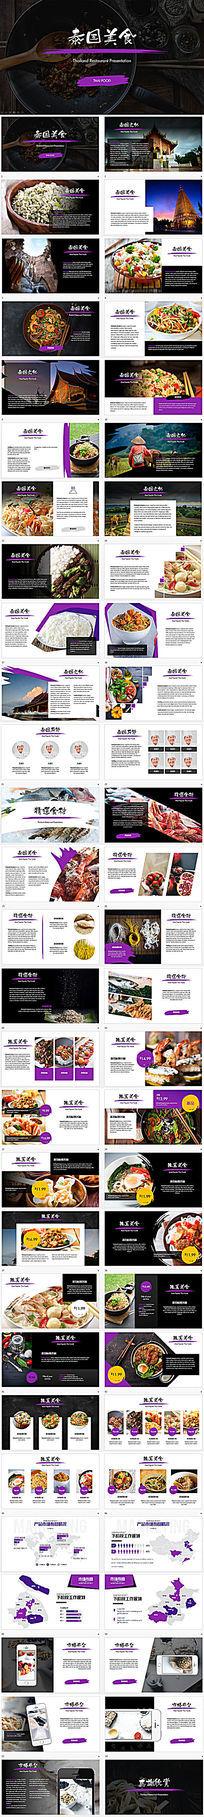 泰国菜泰国餐厅商业计划书PPT模板 pptx